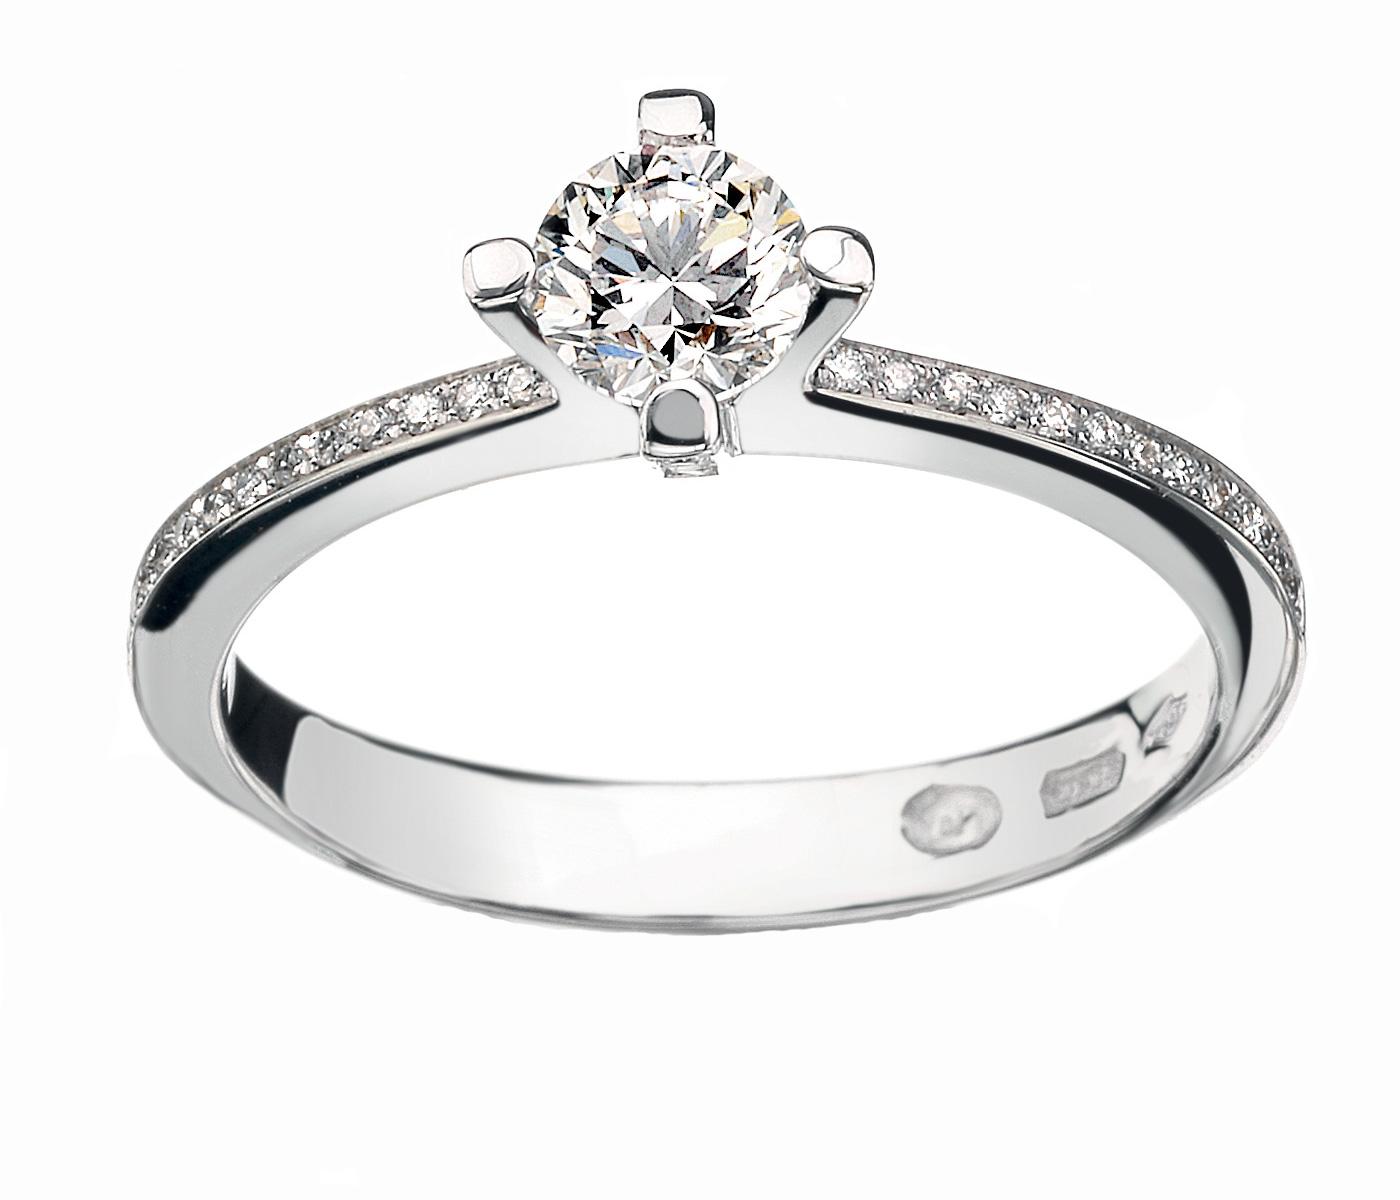 Verlobungsring Forever Yours Juwelier Sturzl Der Juwelier Fur